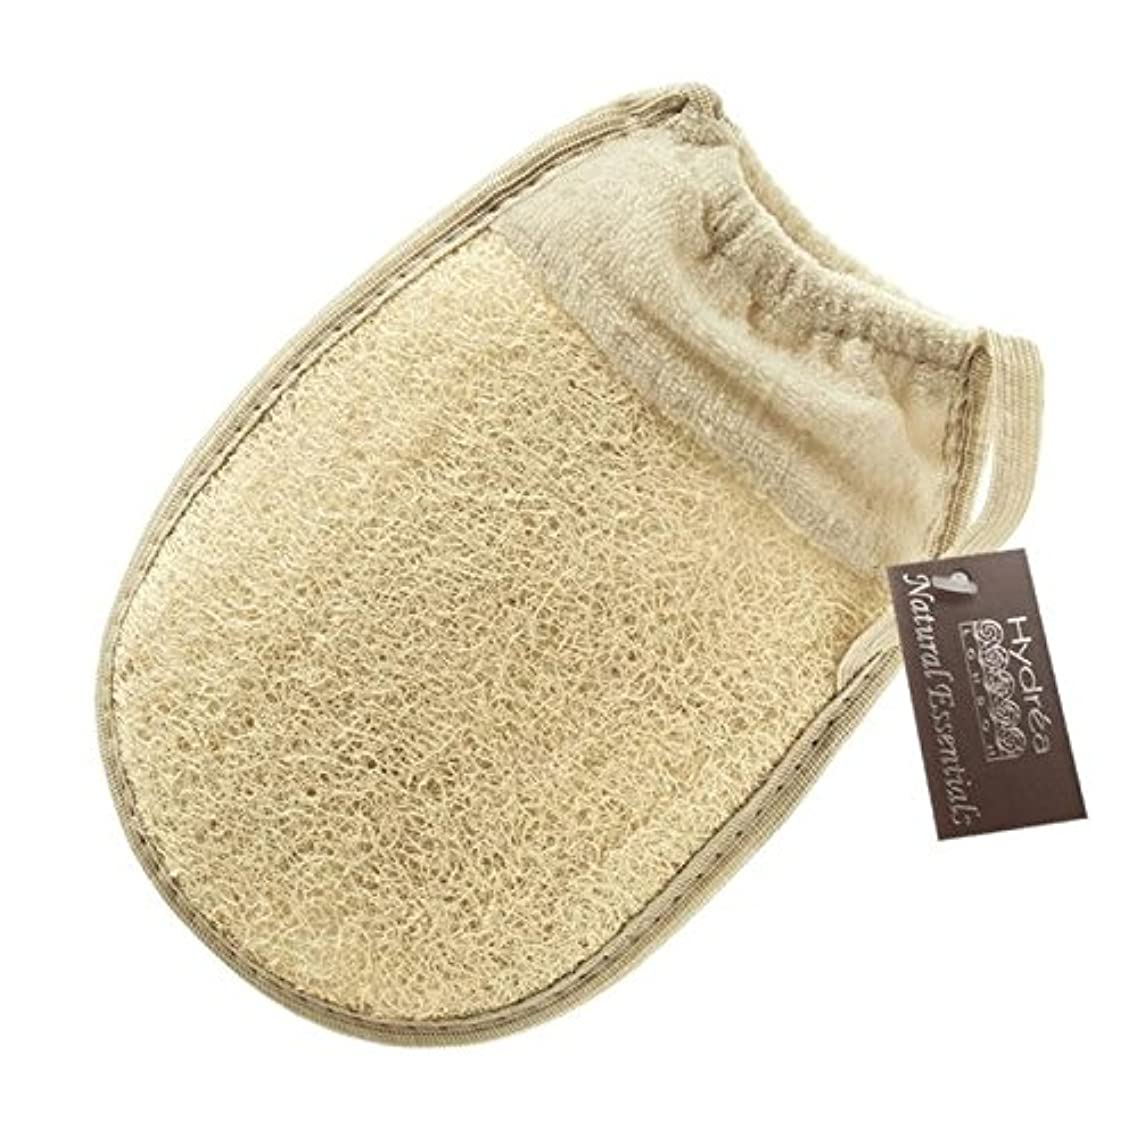 裁量排泄物パースブラックボロウHydrea London Egyptian Loofah Glove with Elasticated Cuff - 伸縮性カフとハイドレアロンドンエジプトのヘチマグローブ [並行輸入品]